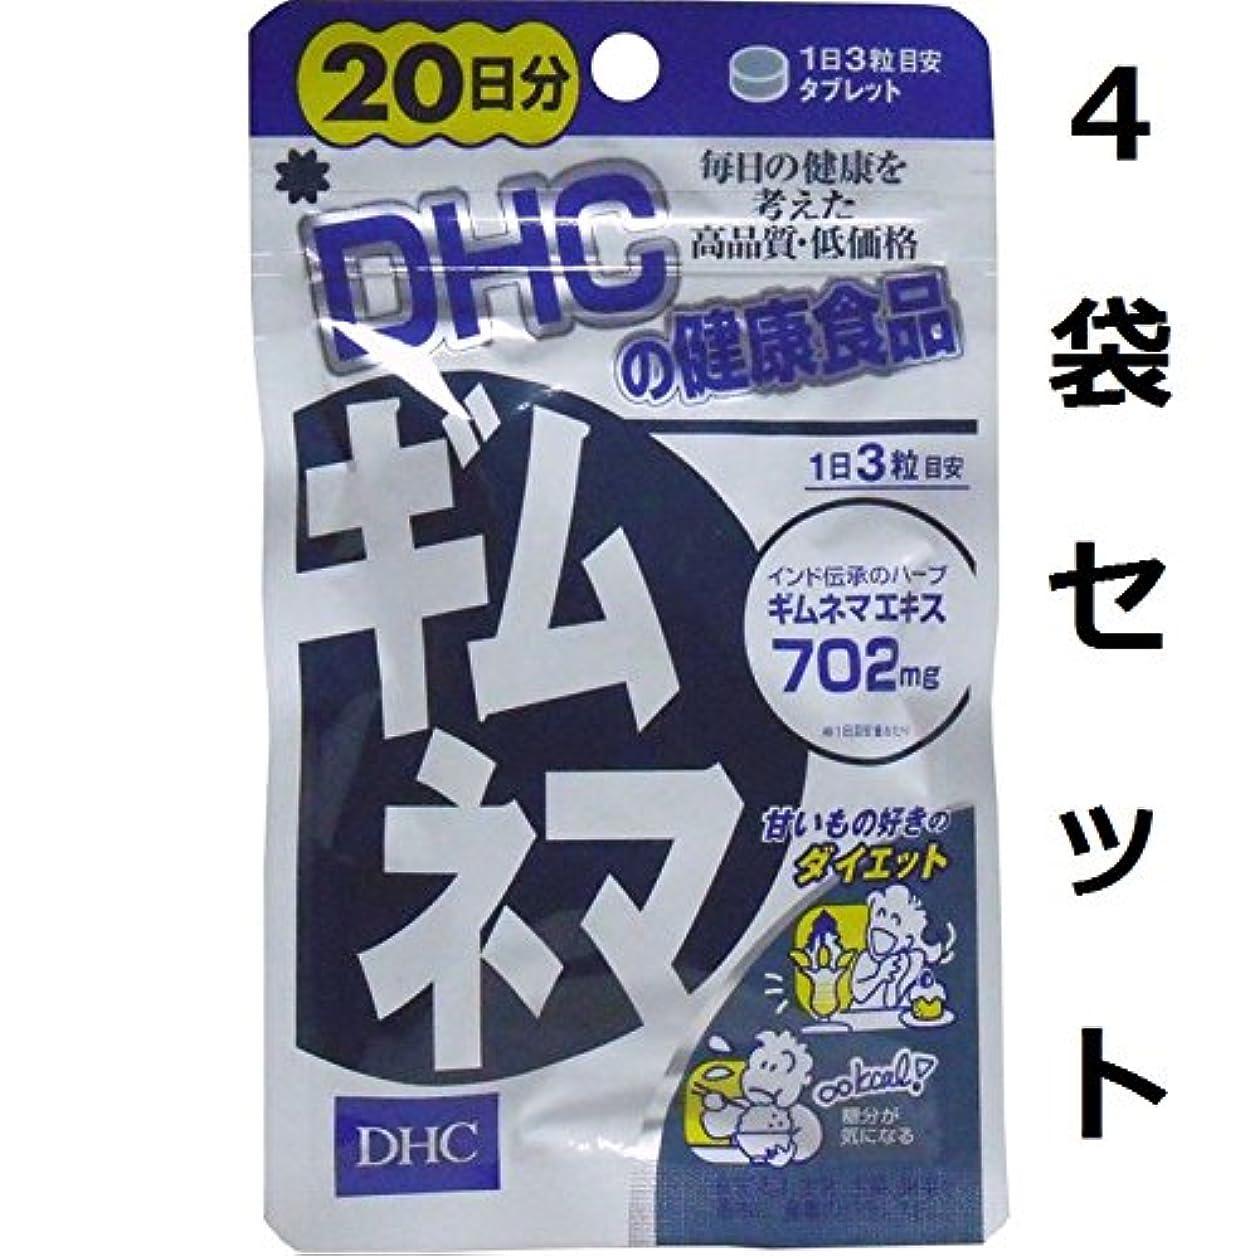 薬を飲む接ぎ木追い越す糖分や炭水化物を多く摂る人に DHC ギムネマ 20日分 60粒 4袋セット